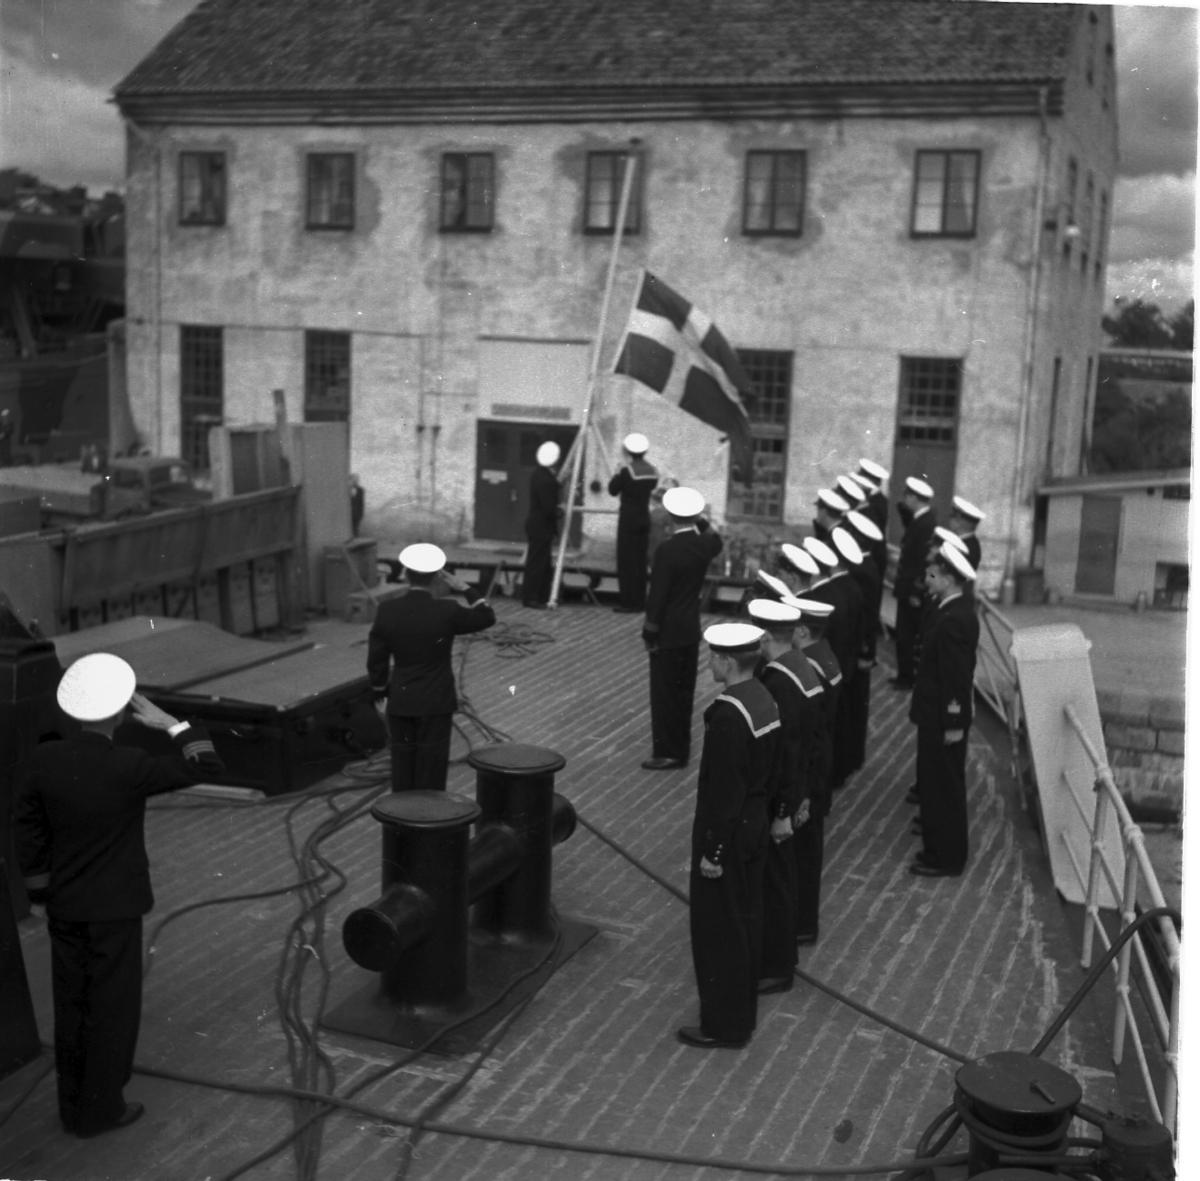 Fartyg: THULE                           Övrigt: Isbrytaren Thule, påmönstring